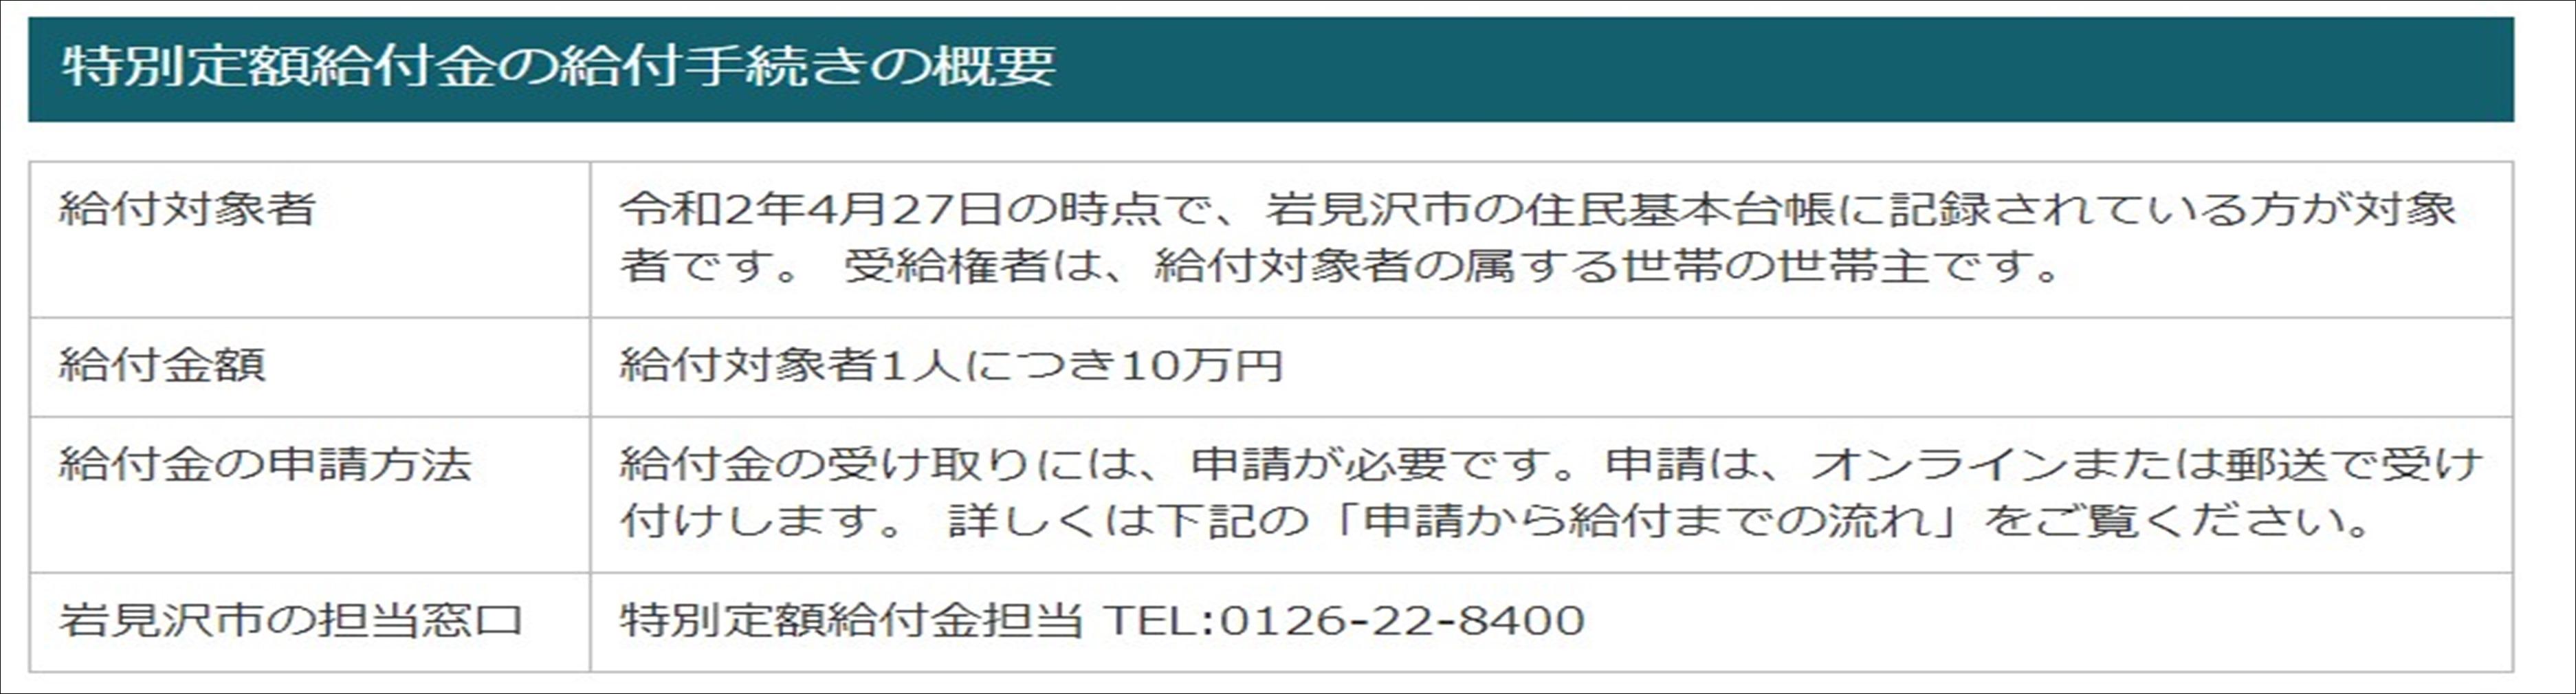 コメント 2020-05-01 185153